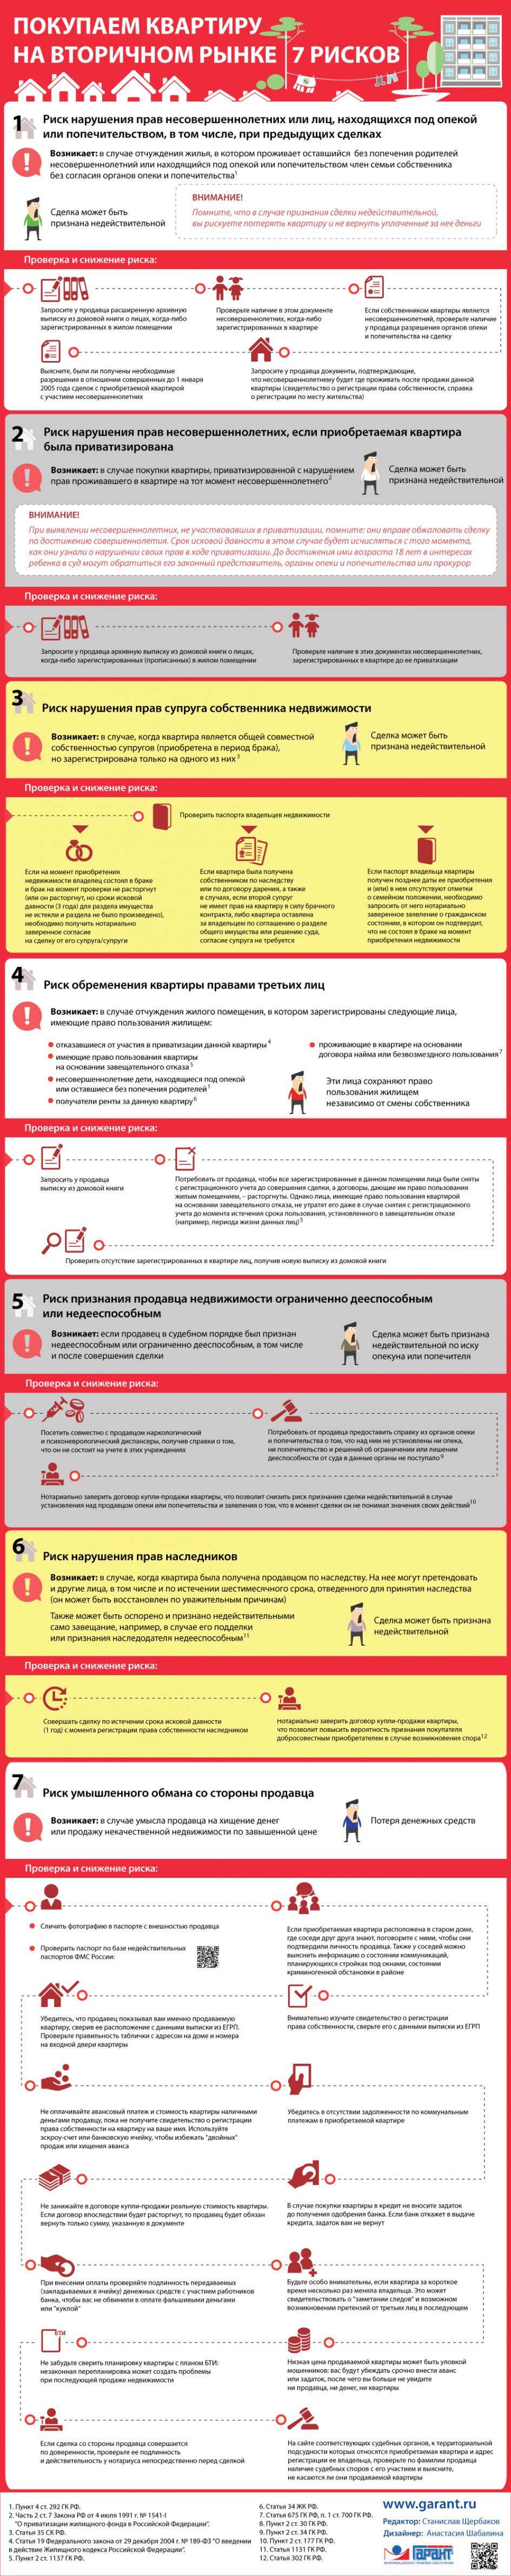 """""""Покупаем квартиру на вторичном рынке: 7 рисков"""" от garant.ru"""